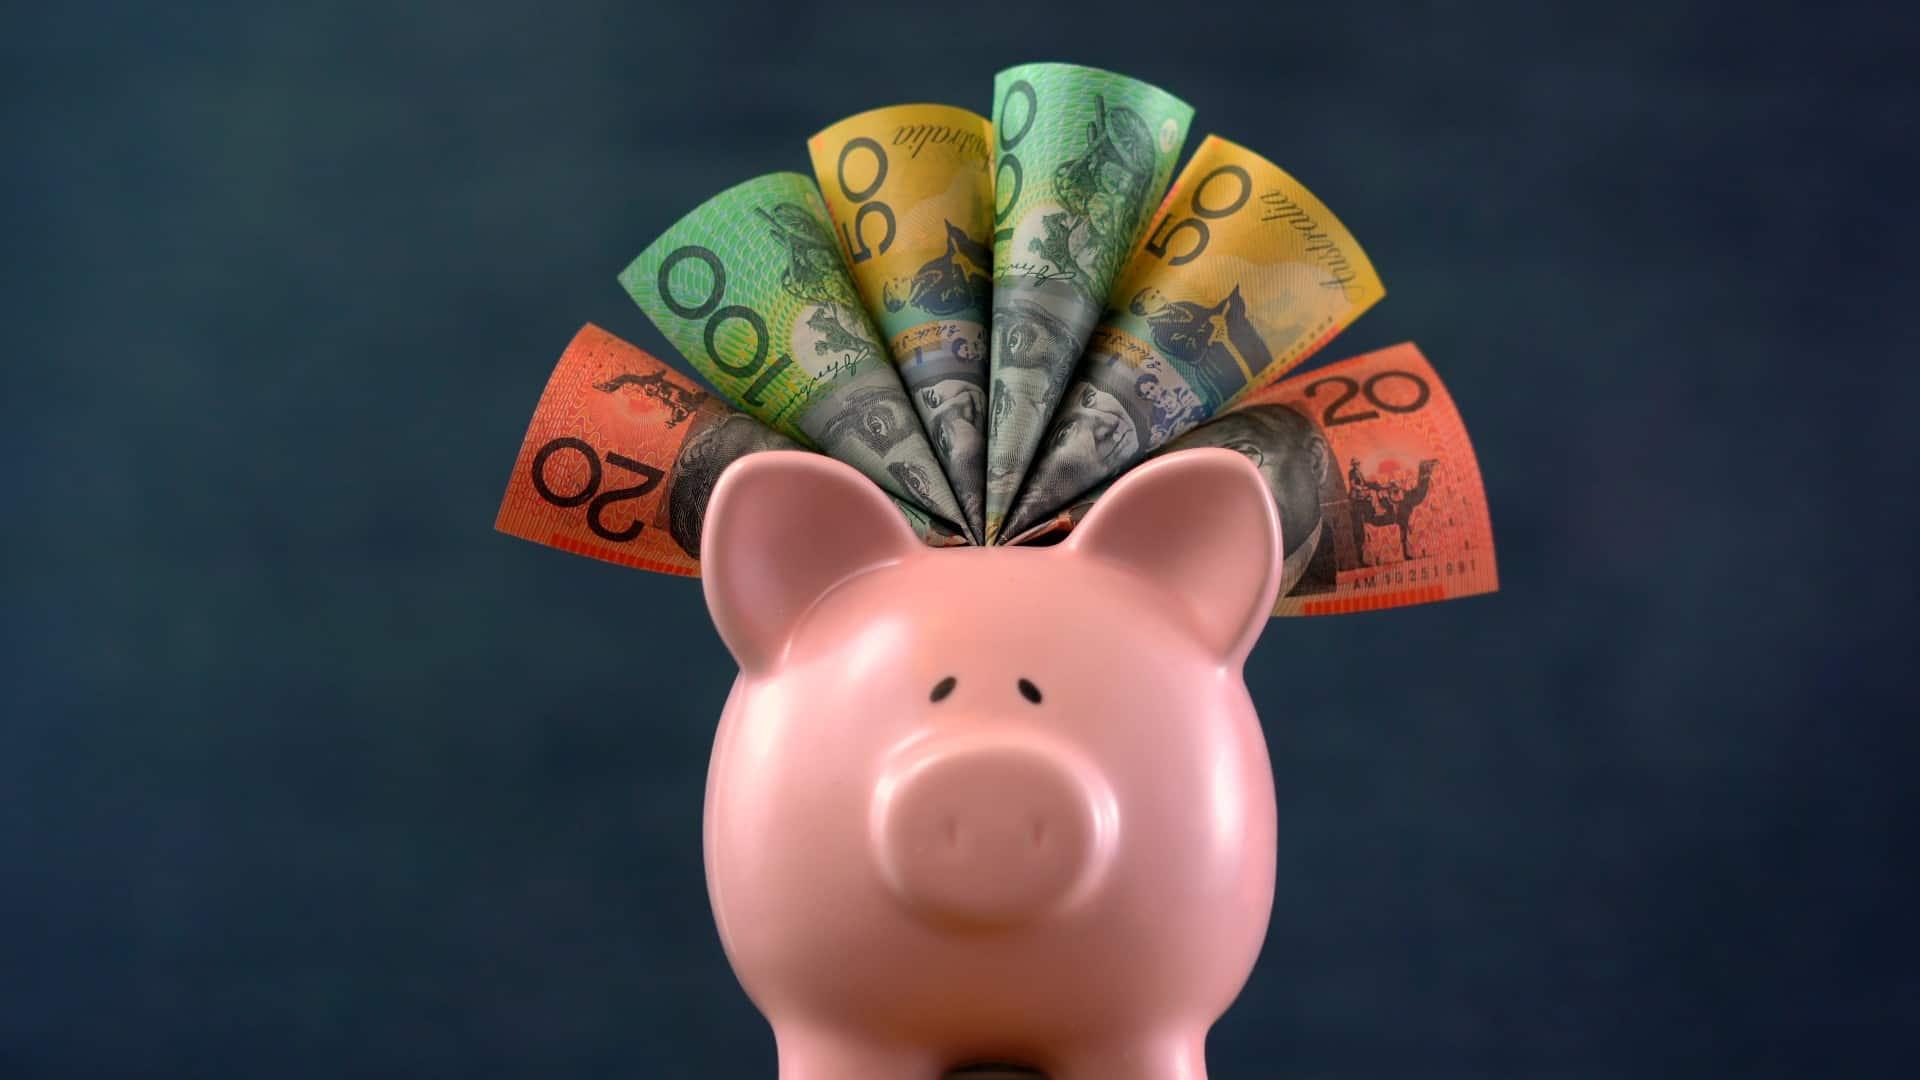 cash piggy bank